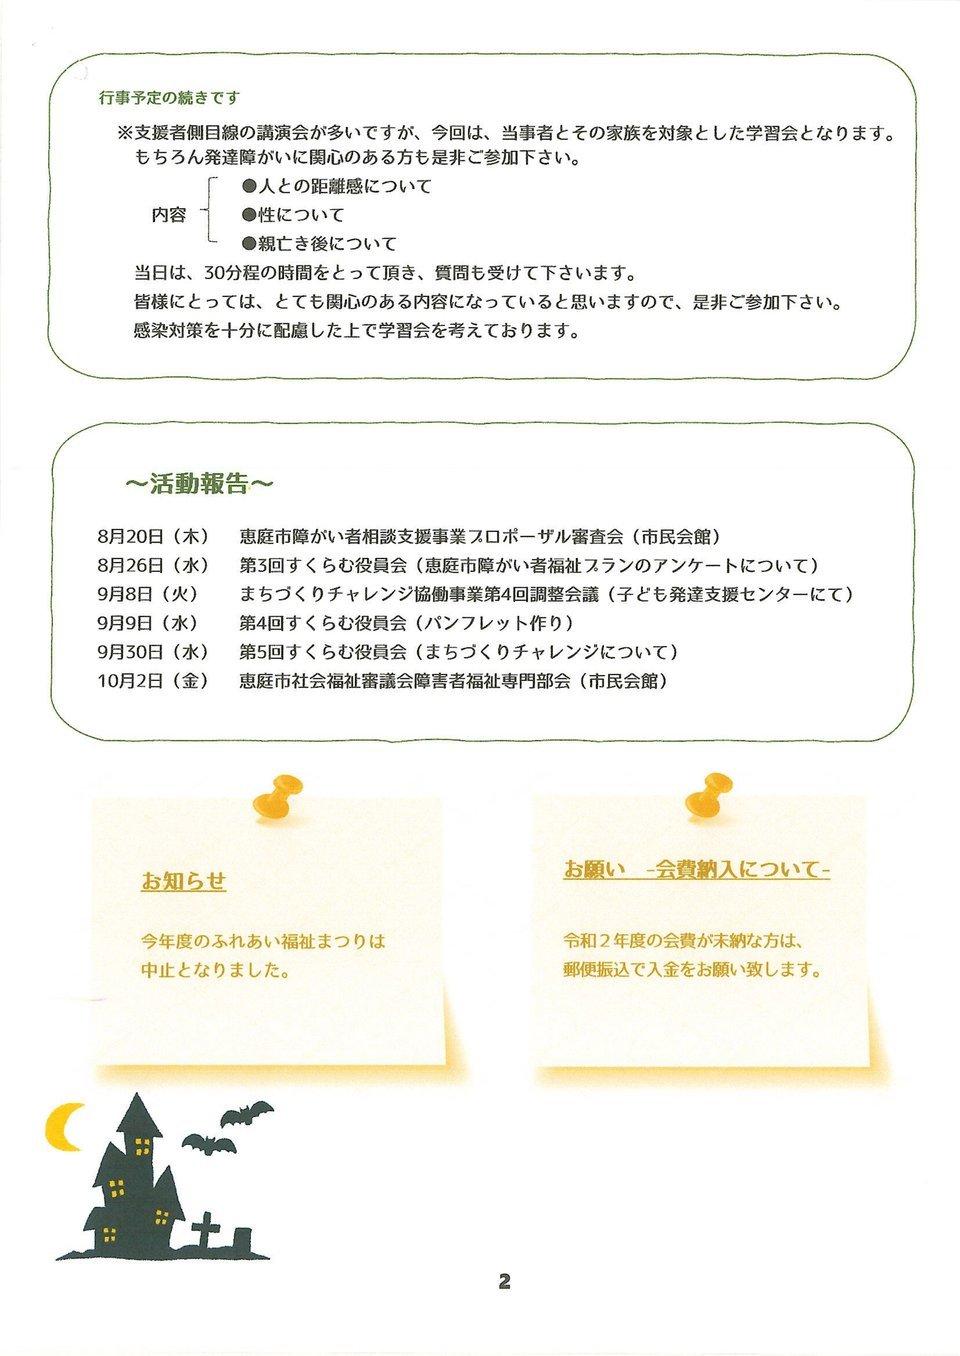 すくらむ通信 Vol.34 2020/10/7発行